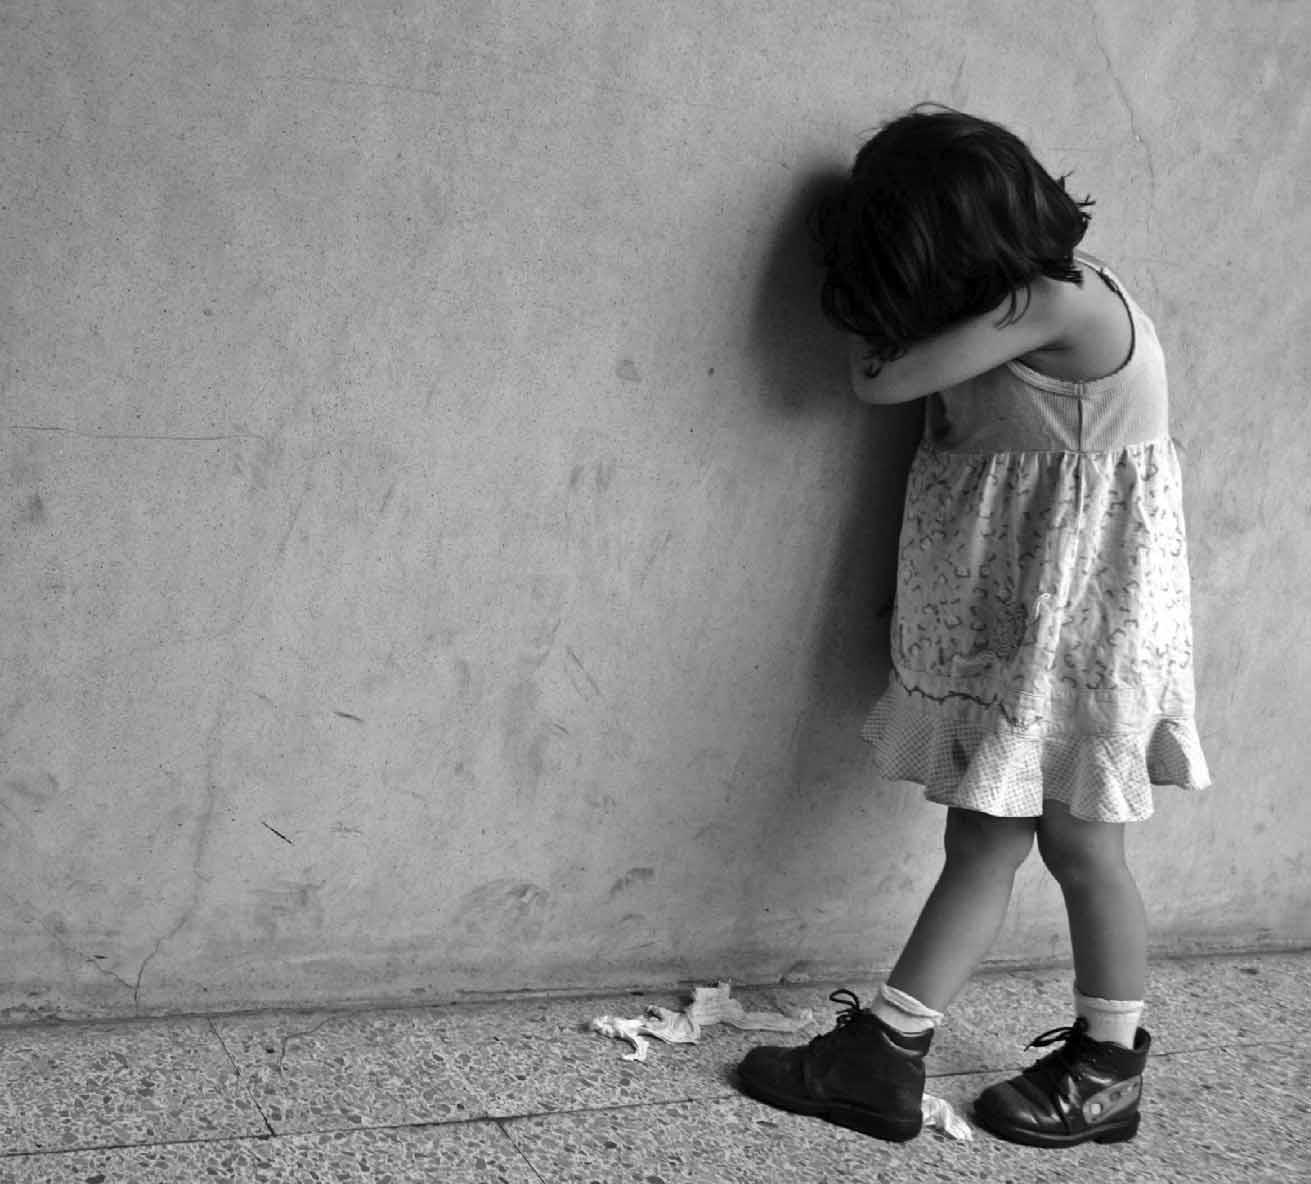 Mujer denuncia hombre raptó a su hija de cinco años en Boca Chica